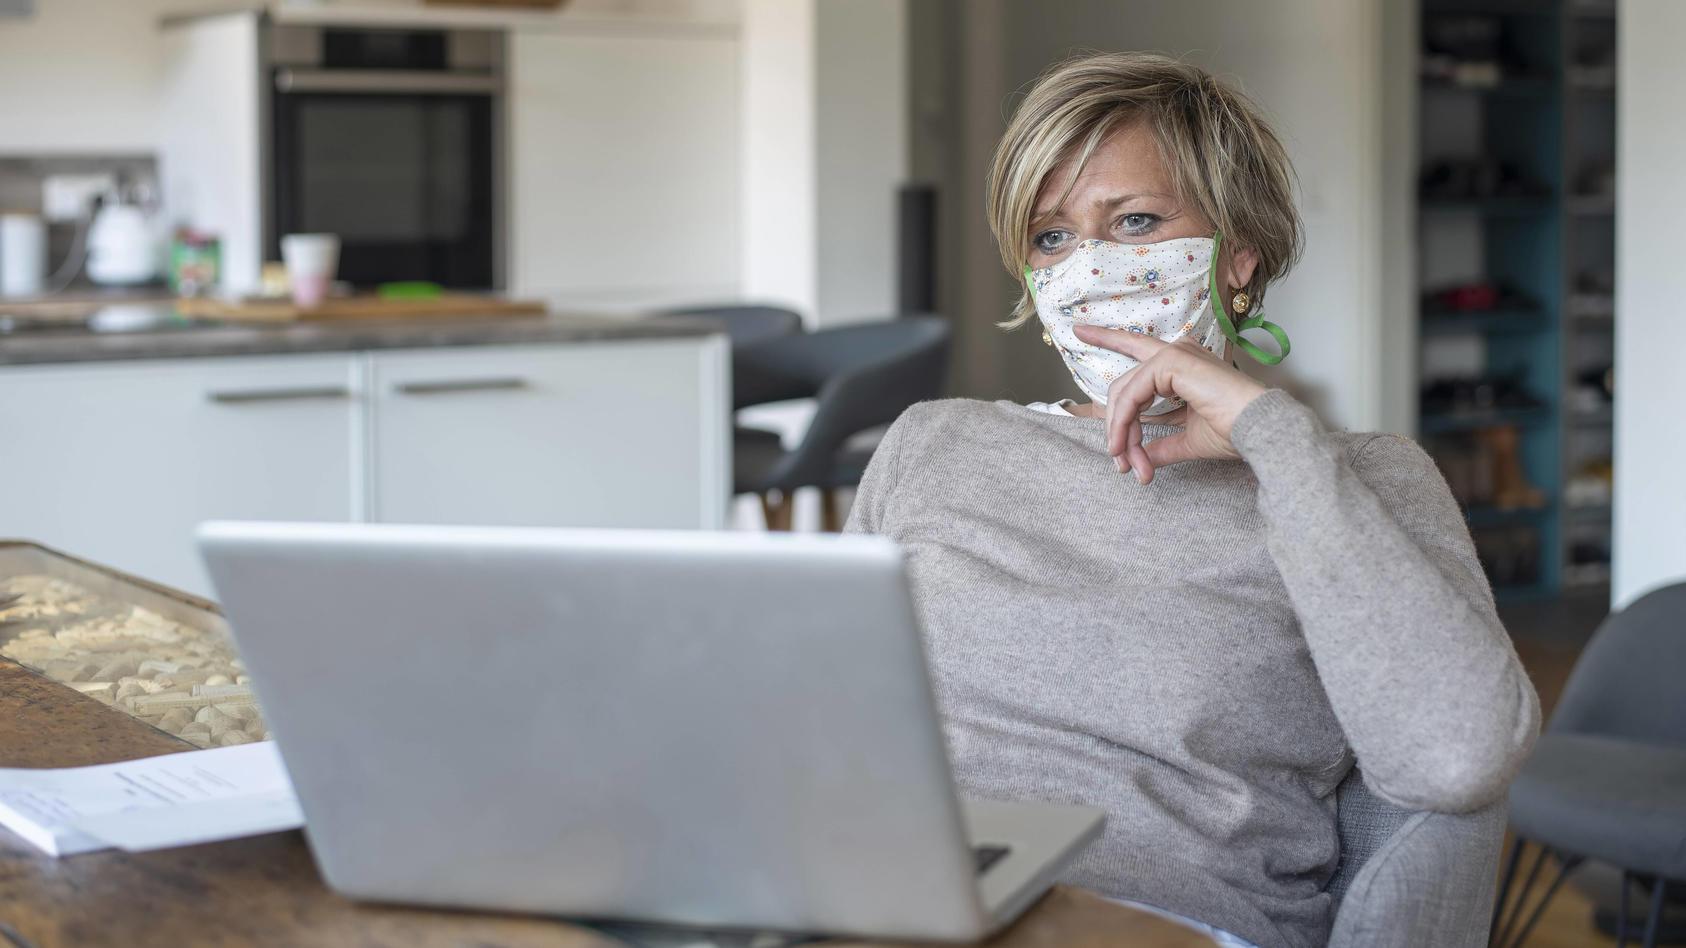 WHO: Maskentragen auch zu Hause sinnvoll